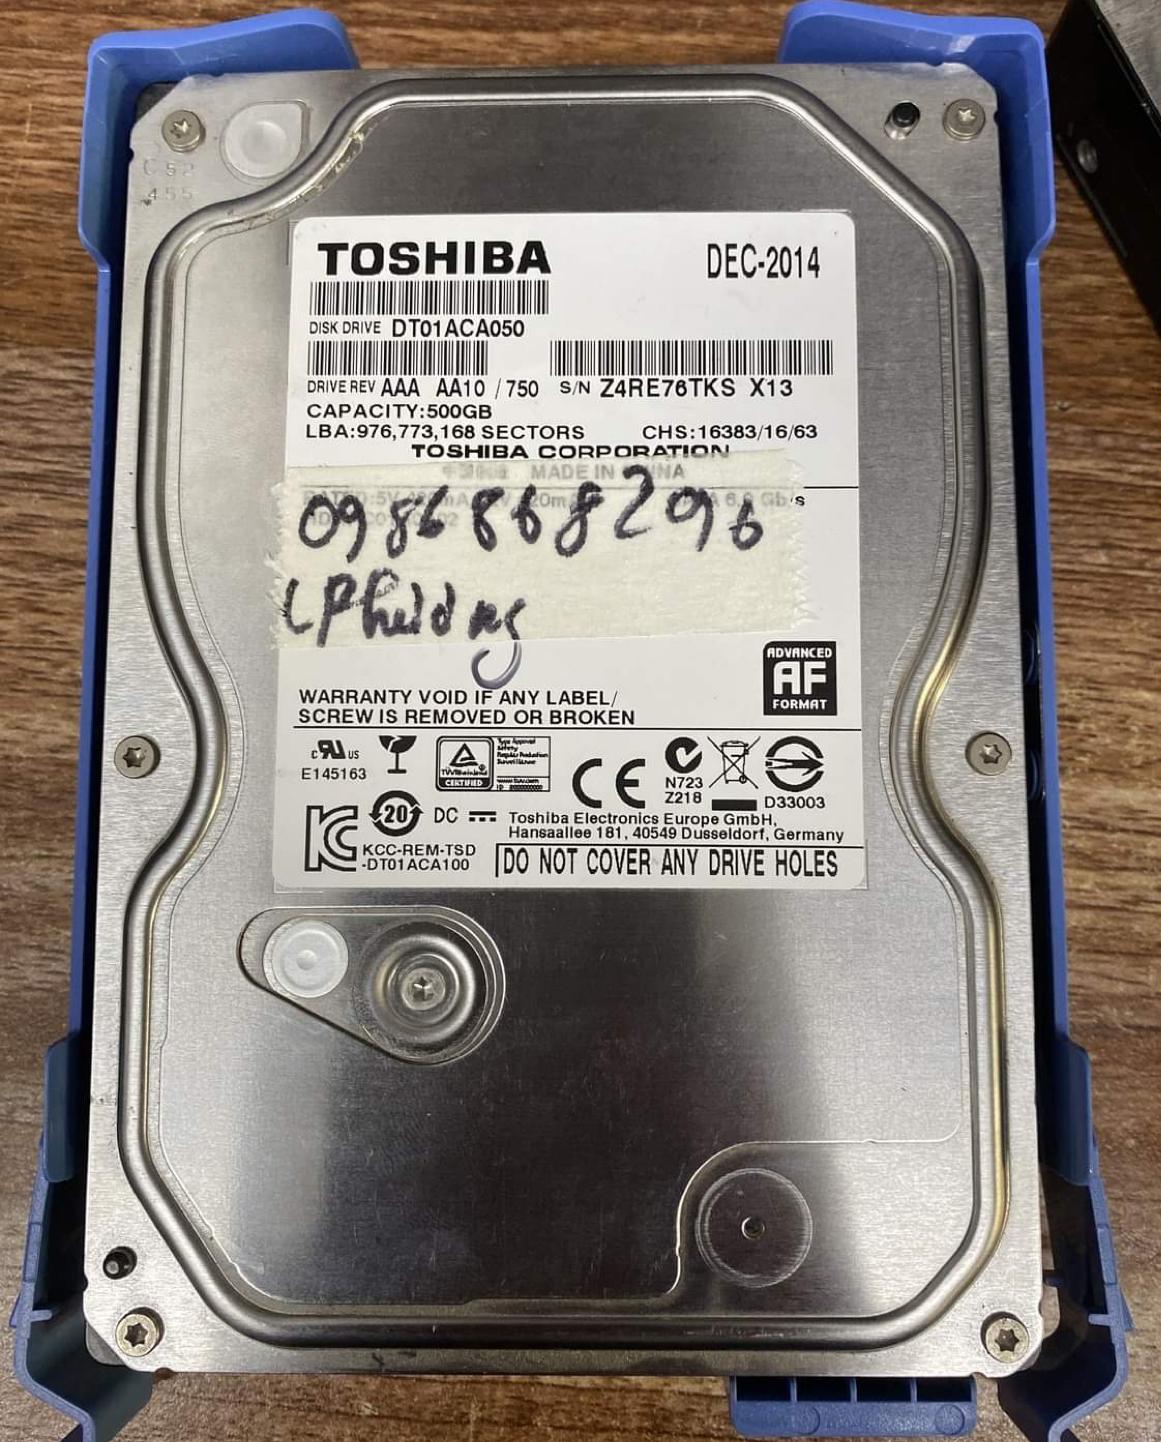 Cứu dữ liệu ổ cứng Toshiba 500GB lỗi đầu đọc - 21/11/2020 - cuumaytinh